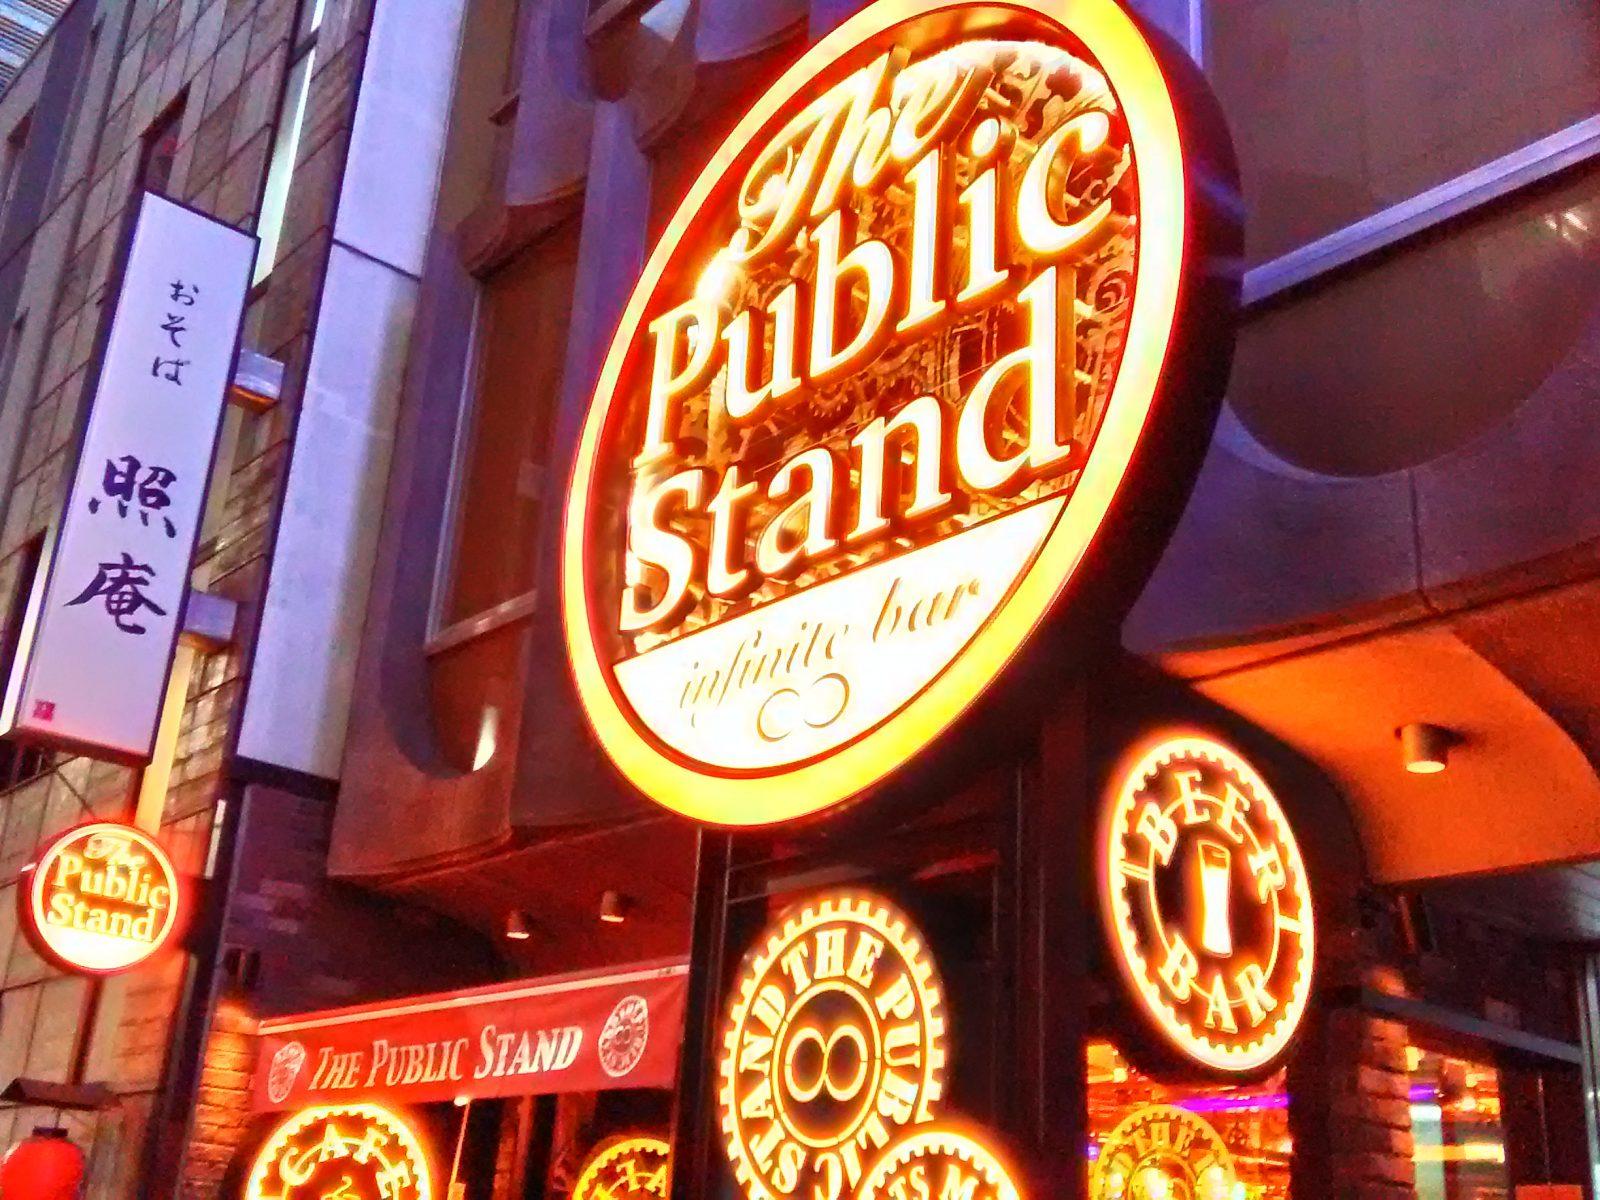 銀座「1000円飲み放題」の新バーが良質なオトナの出会いの場として話題に!